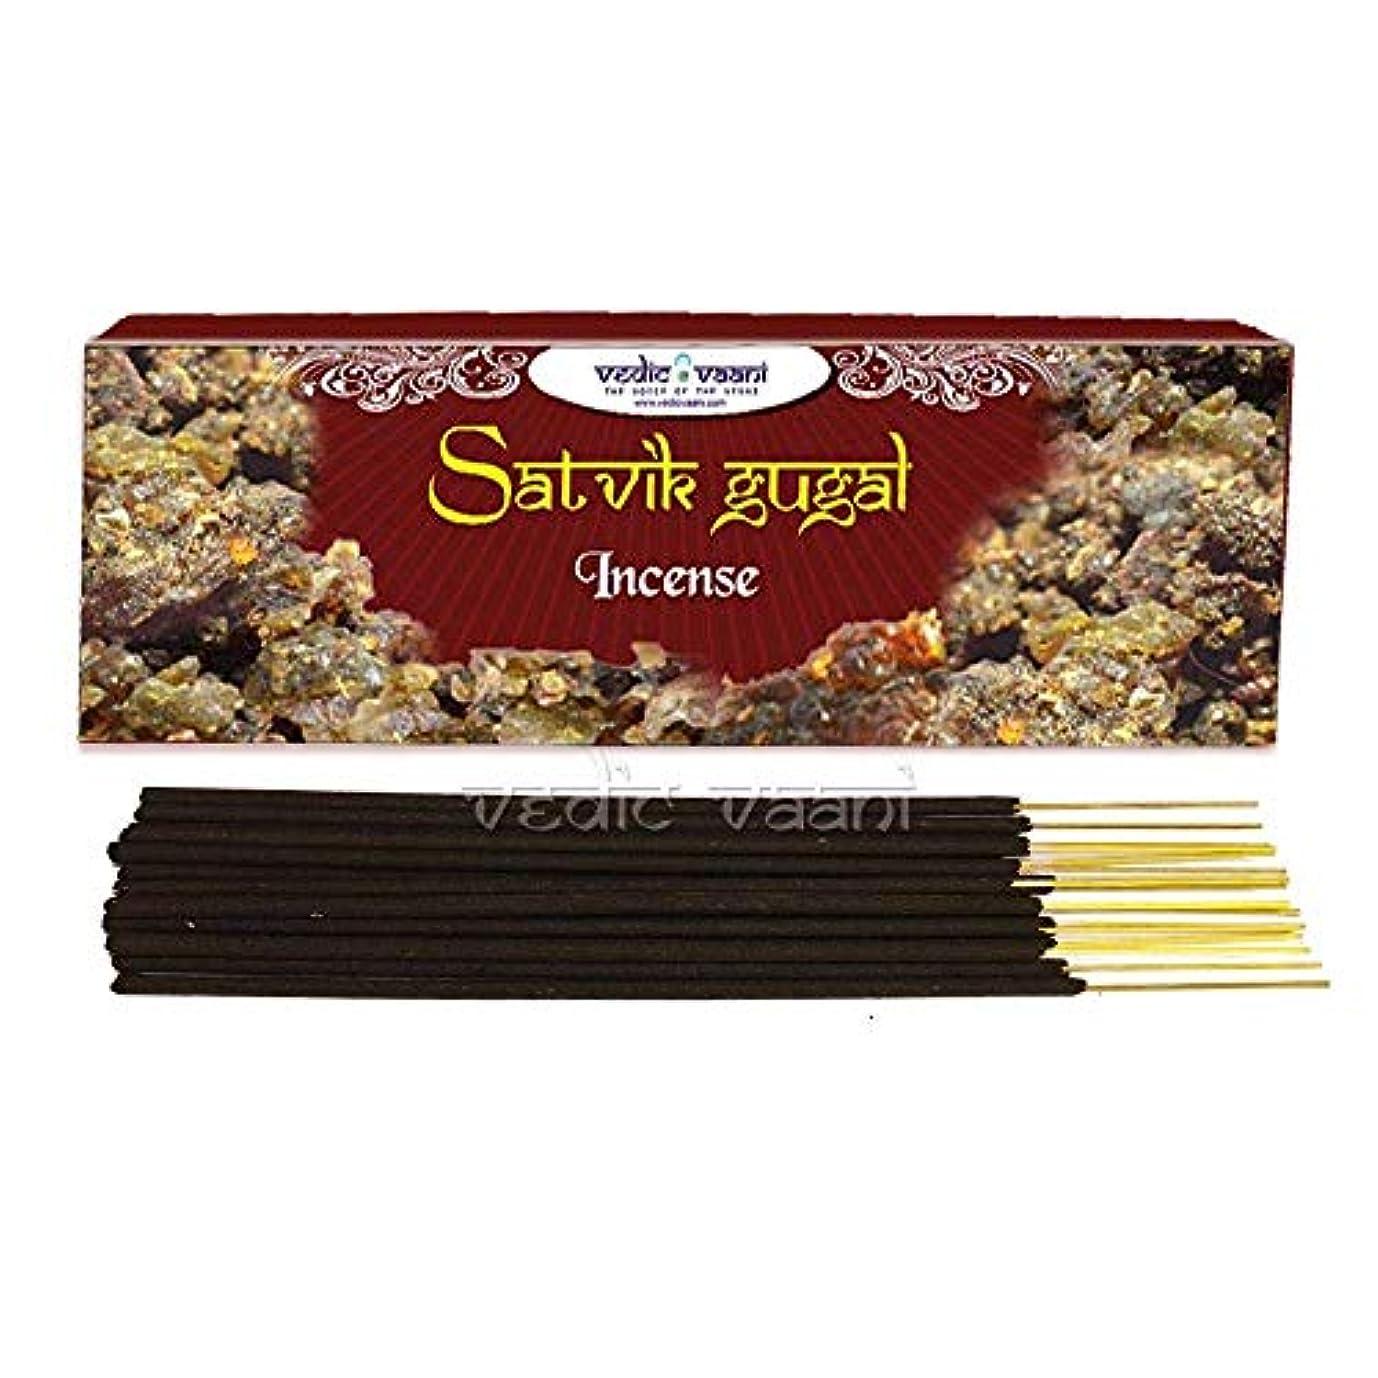 ミュウミュウ頑張る虹Vedic Vaani Satvik Gugal Dhoop Hand Rolled Spiritual Perfume Gugal Fragrance Agarbatti Incense Sticks for Offering...